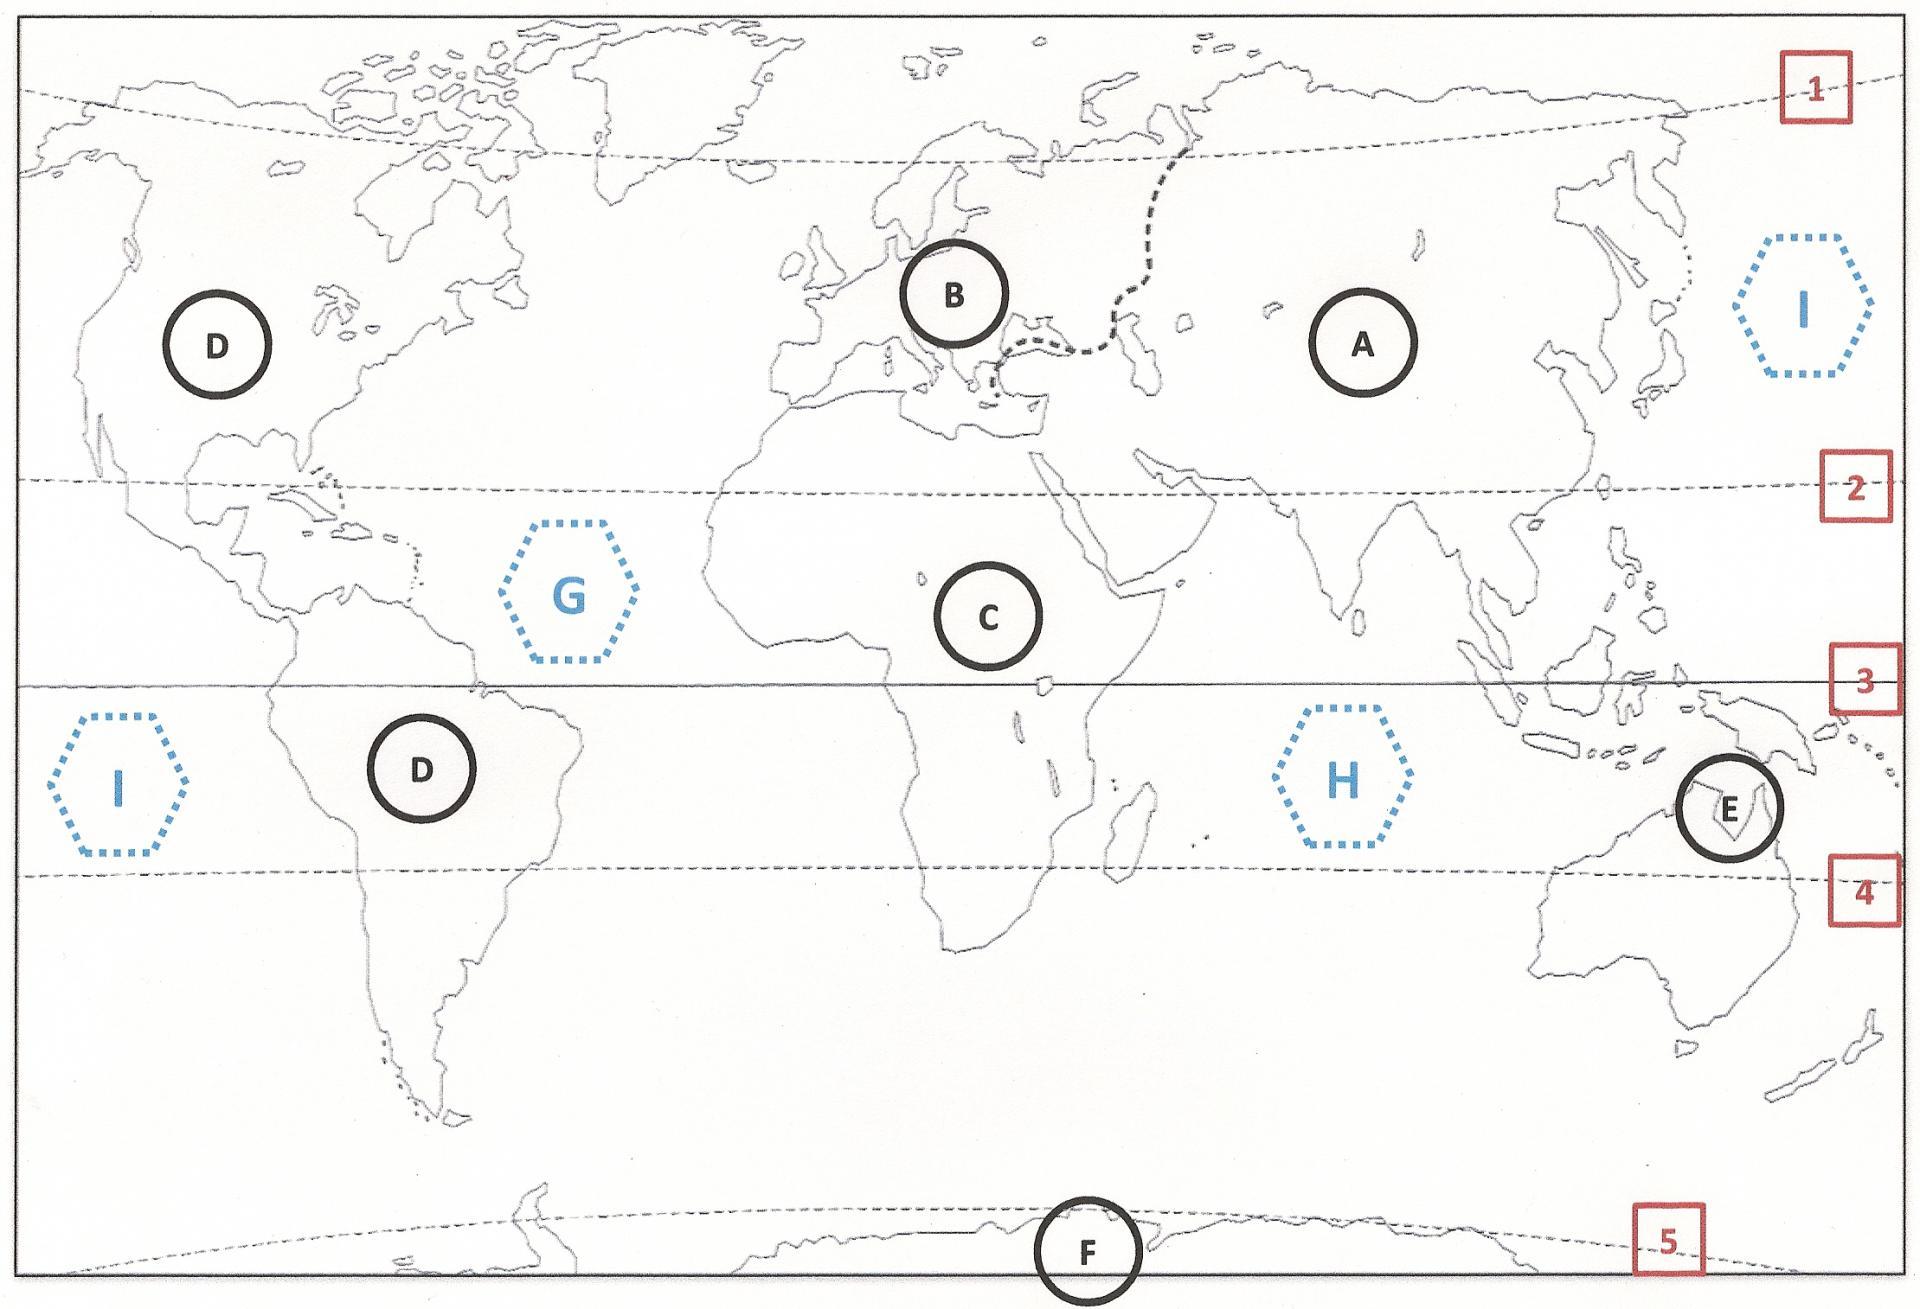 Sur ce planisphère, quelle ligne imaginaire correspond à l'Equateur ? (cliquez sur la carte pour l'agrandir)